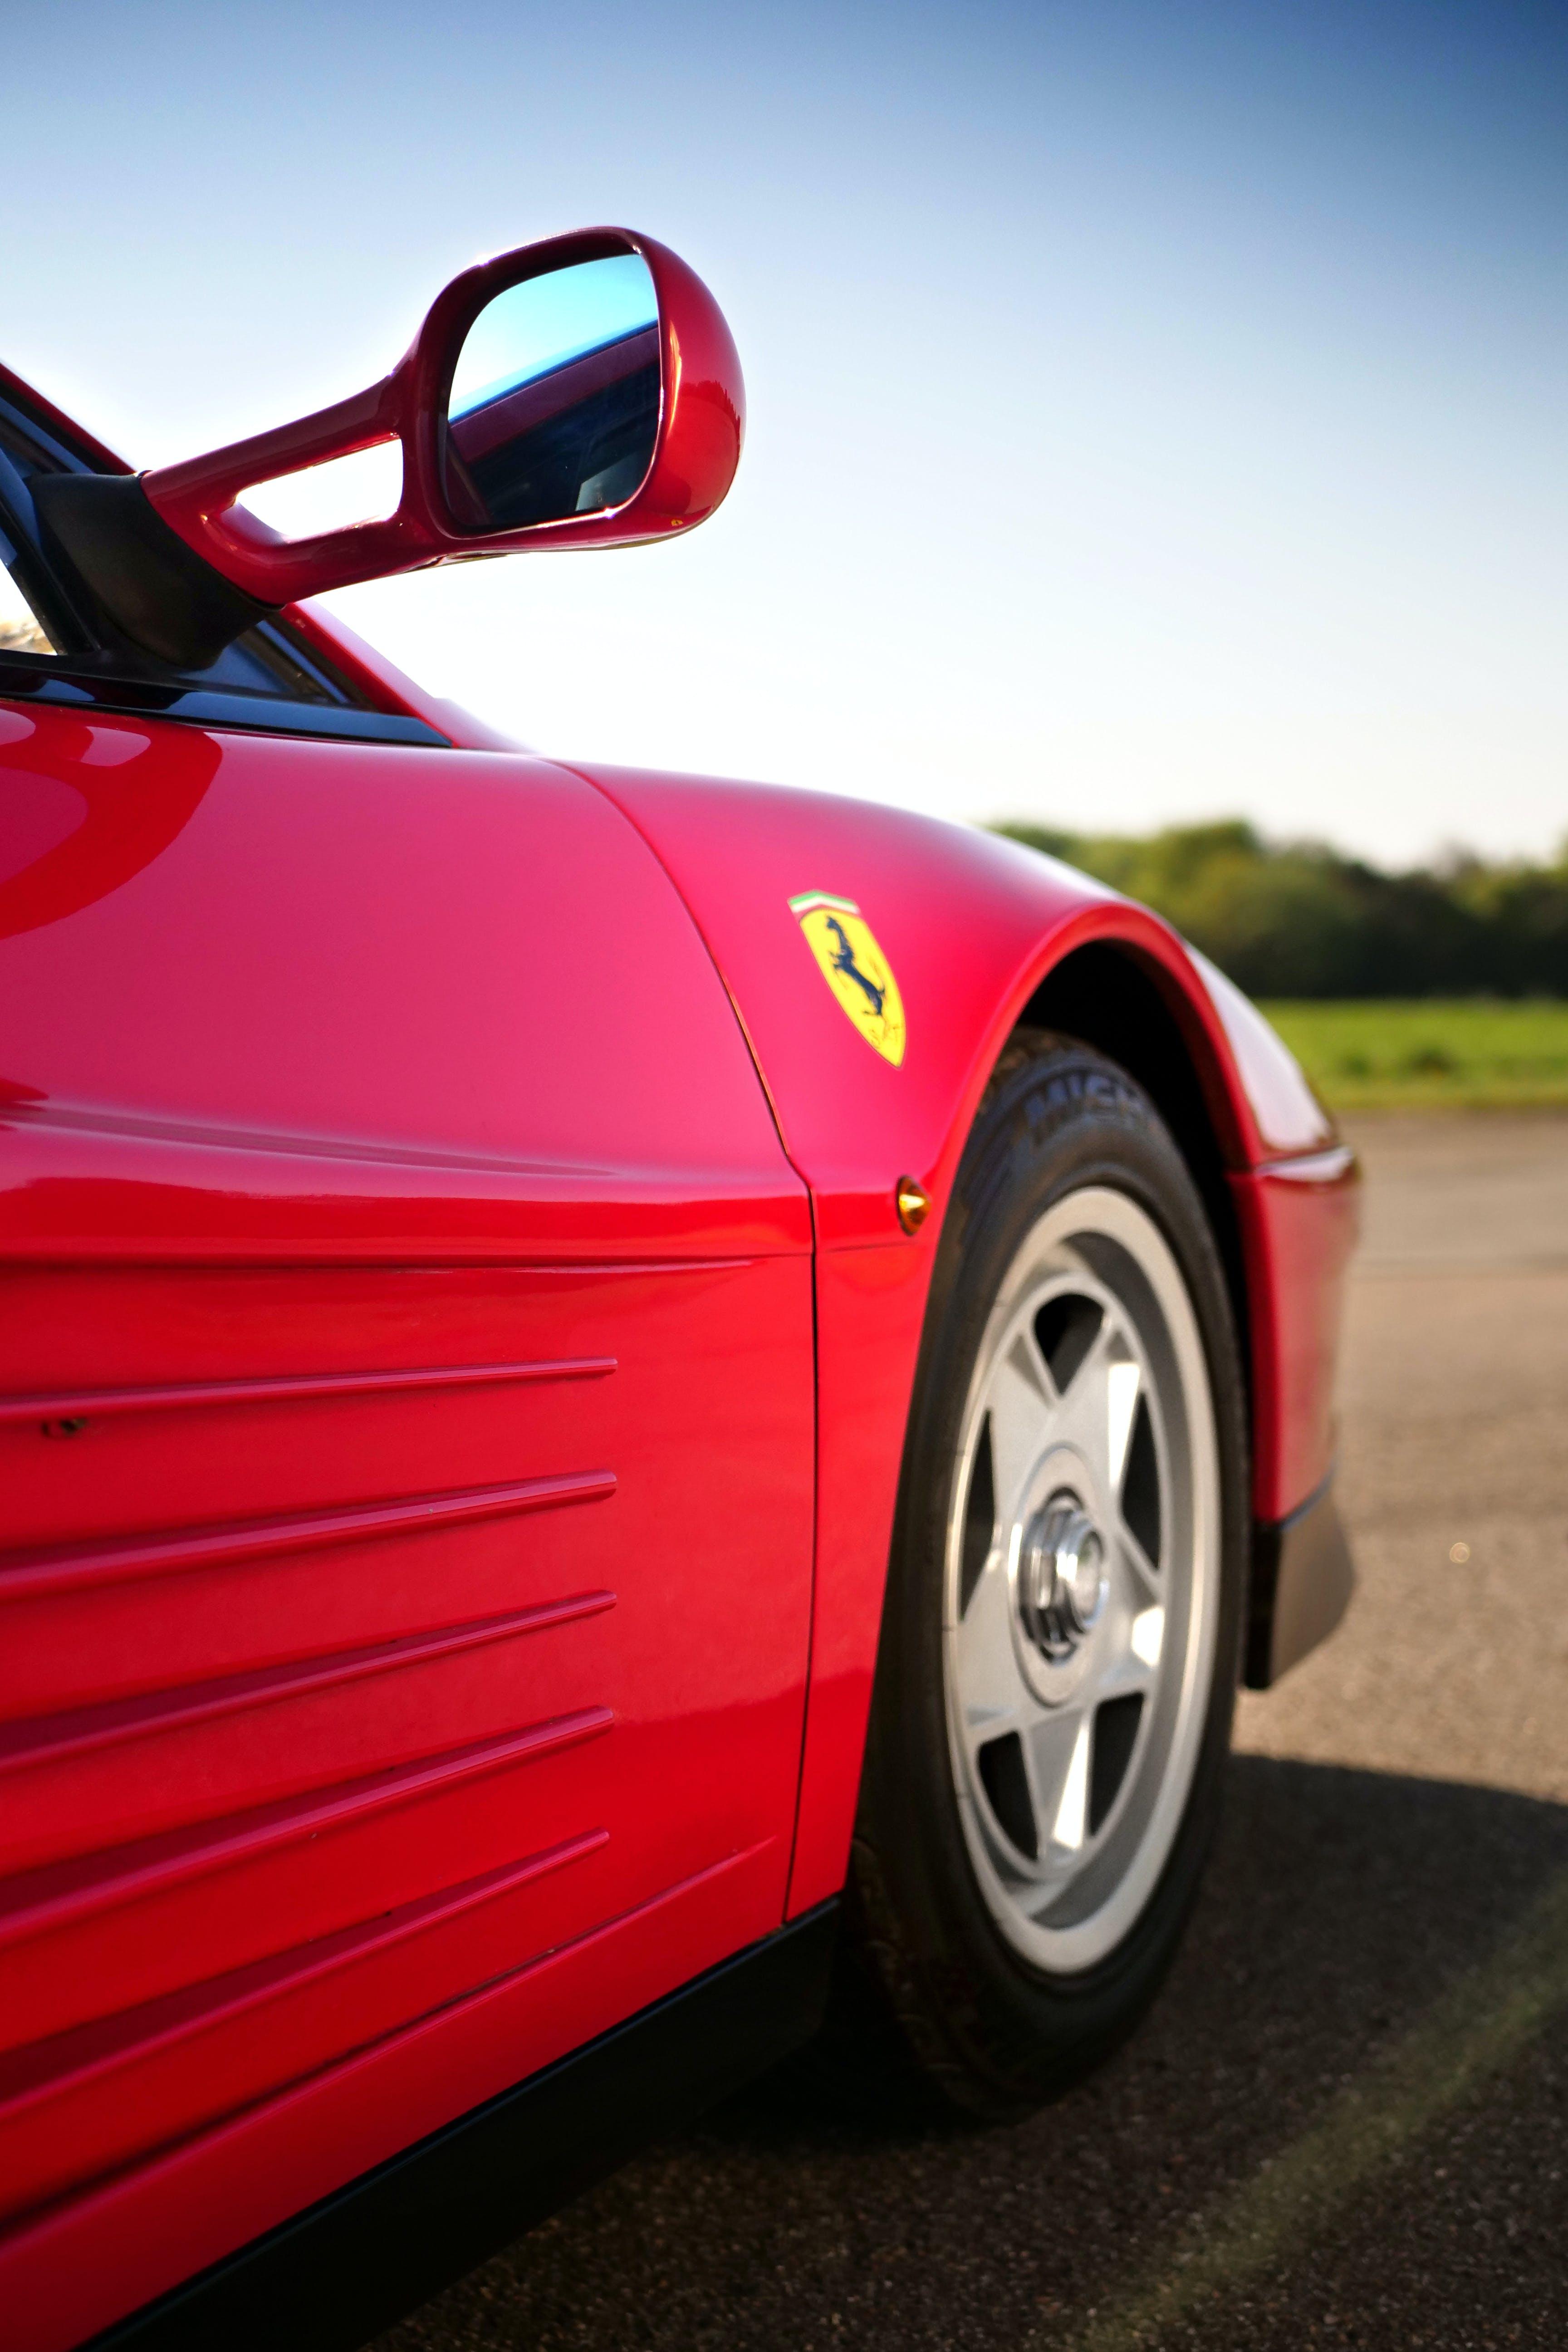 Photo Of Red Ferrari Sports Car